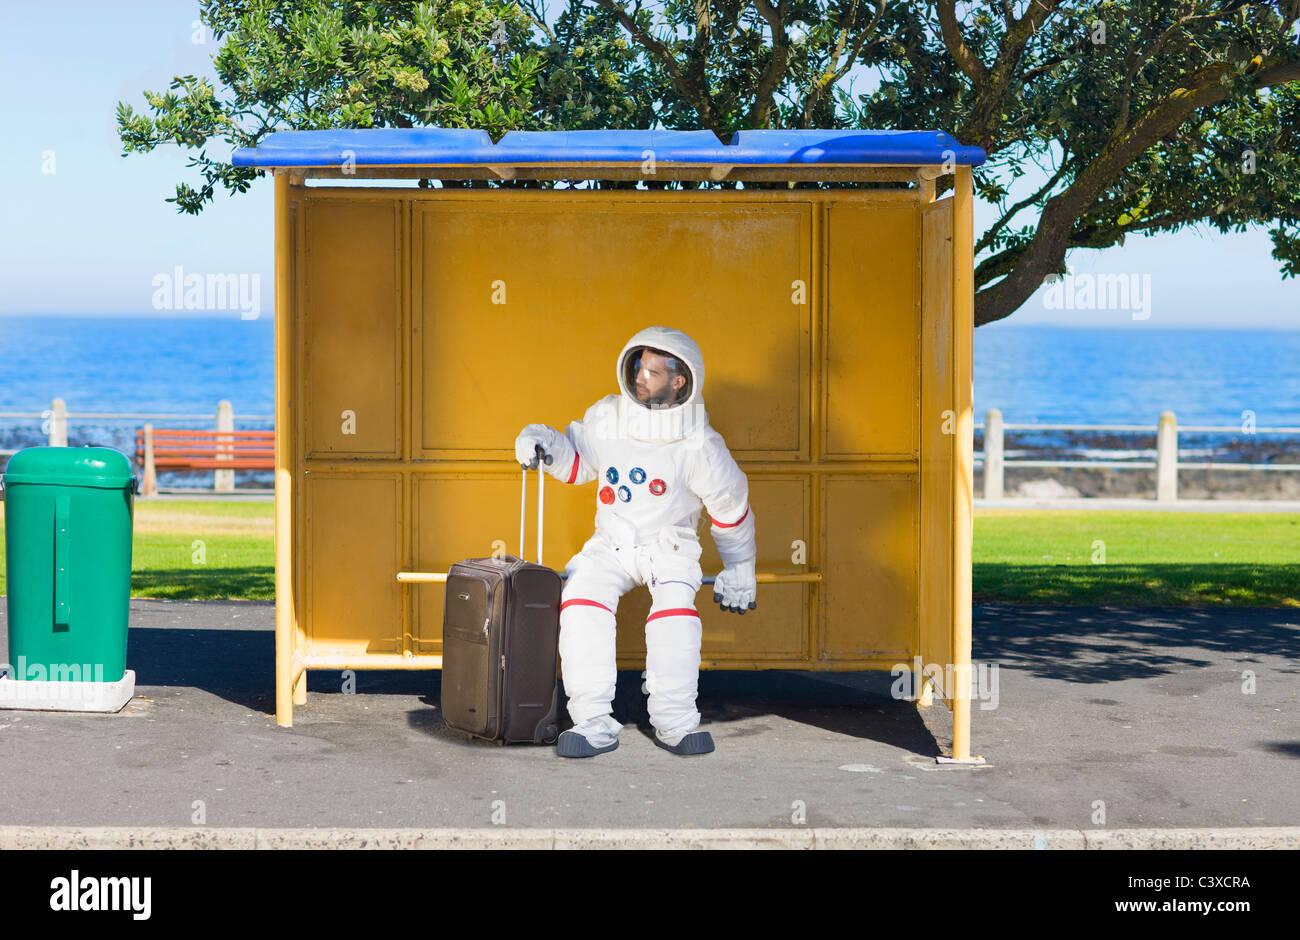 Astronauta in attesa per il servizio navetta Immagini Stock